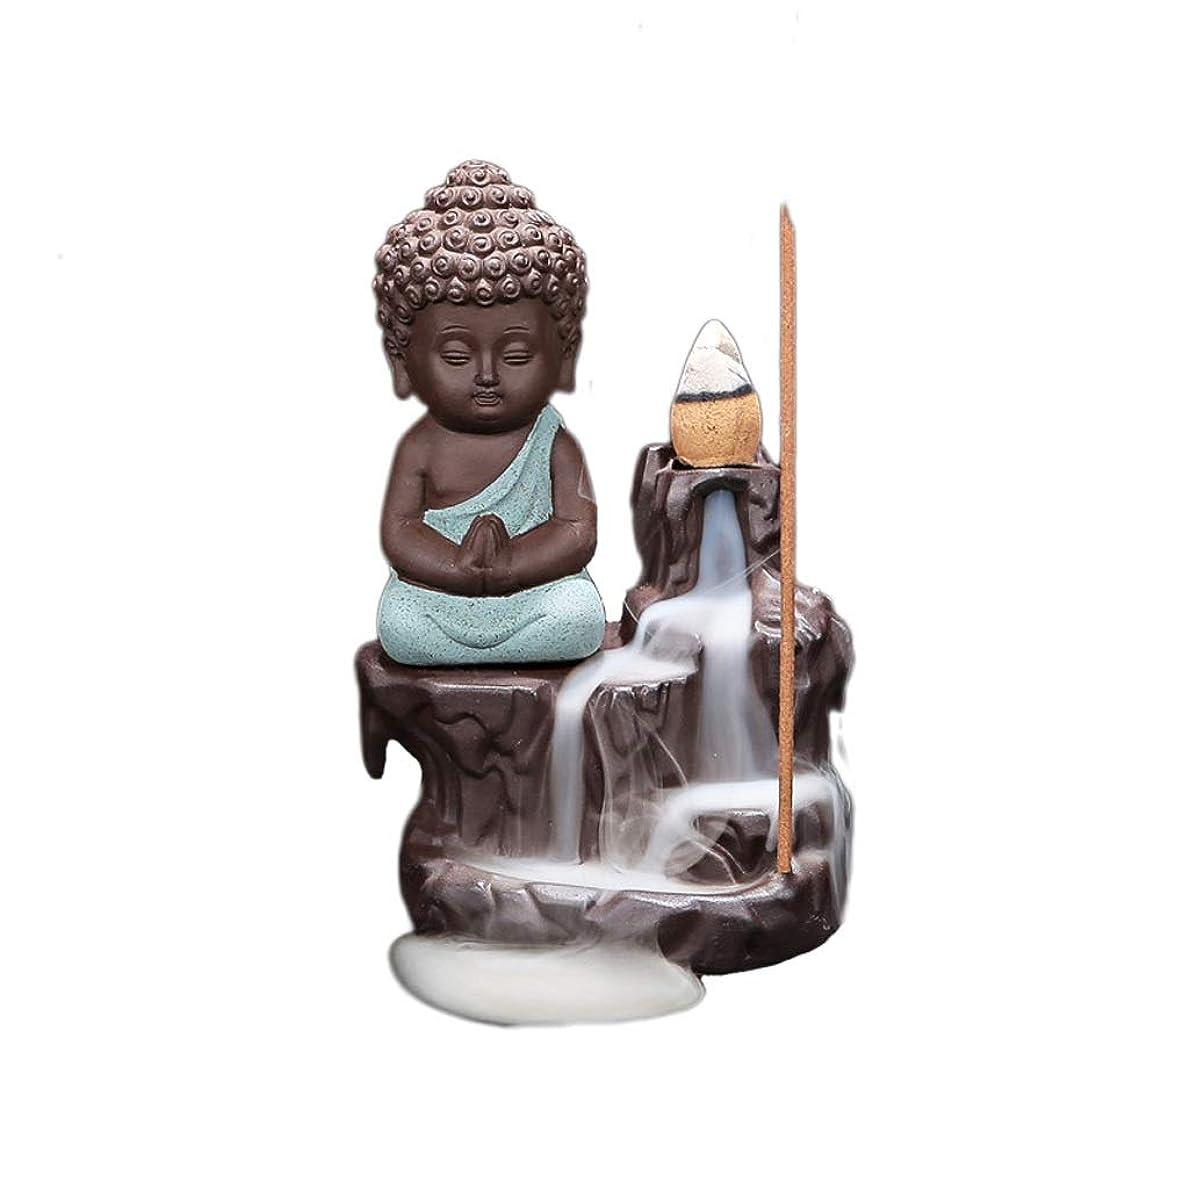 モンキー増加する応じる逆流リトルモンク仏陀香炉バーナーコーンスティックホルダーホームセラミック香ホルダーアッシュキャッチャー (Color : Green, サイズ : 4.88*3.22 inches)